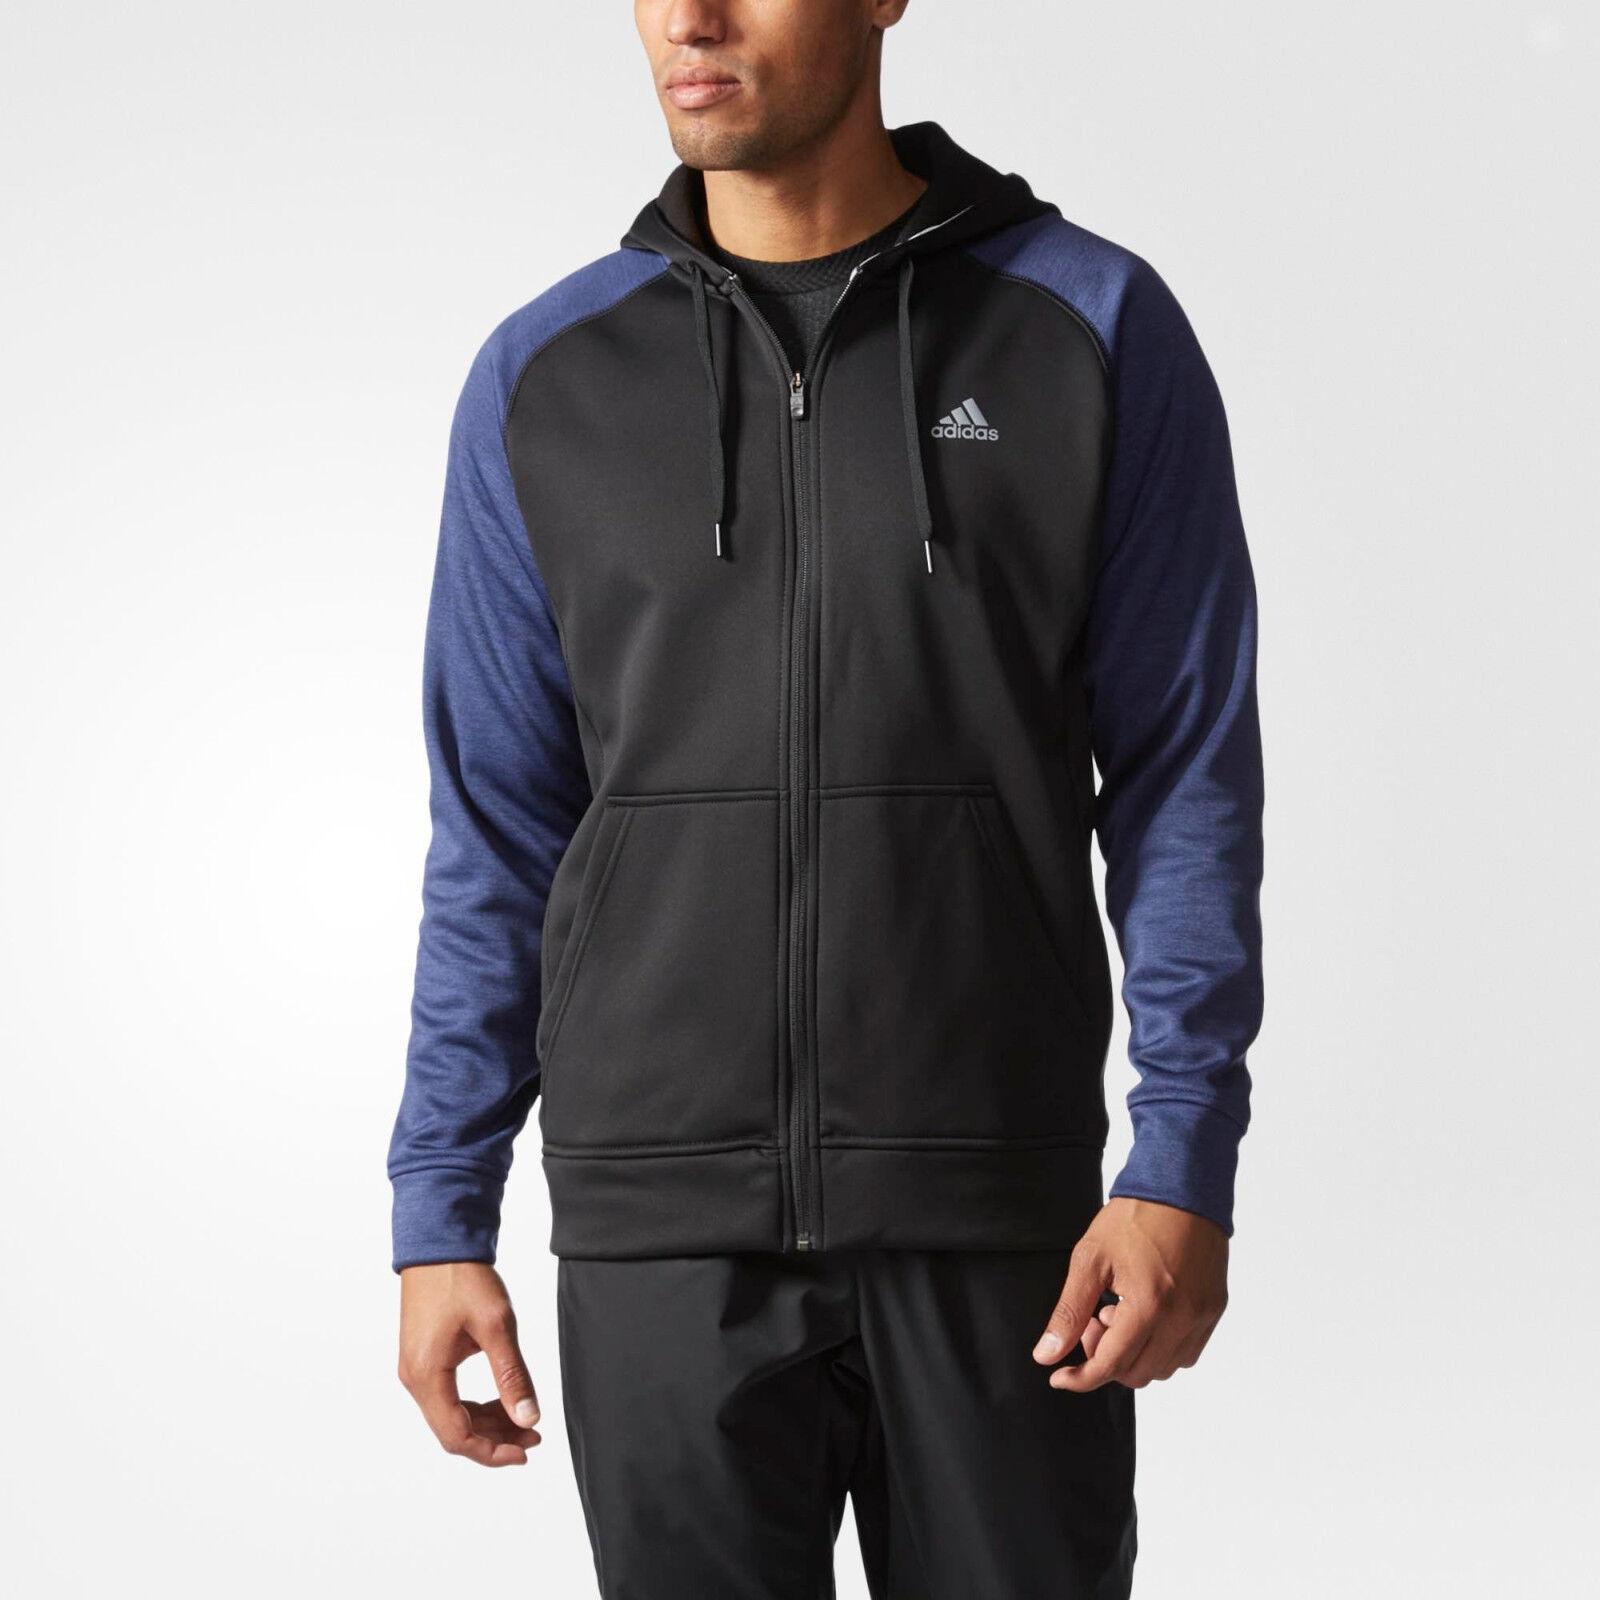 Nuevo AUTÉNTICO  Para Hombre Adidas Tech Fleece Full Zip chaqueta con capucha Negra Grande Xl  las mejores marcas venden barato